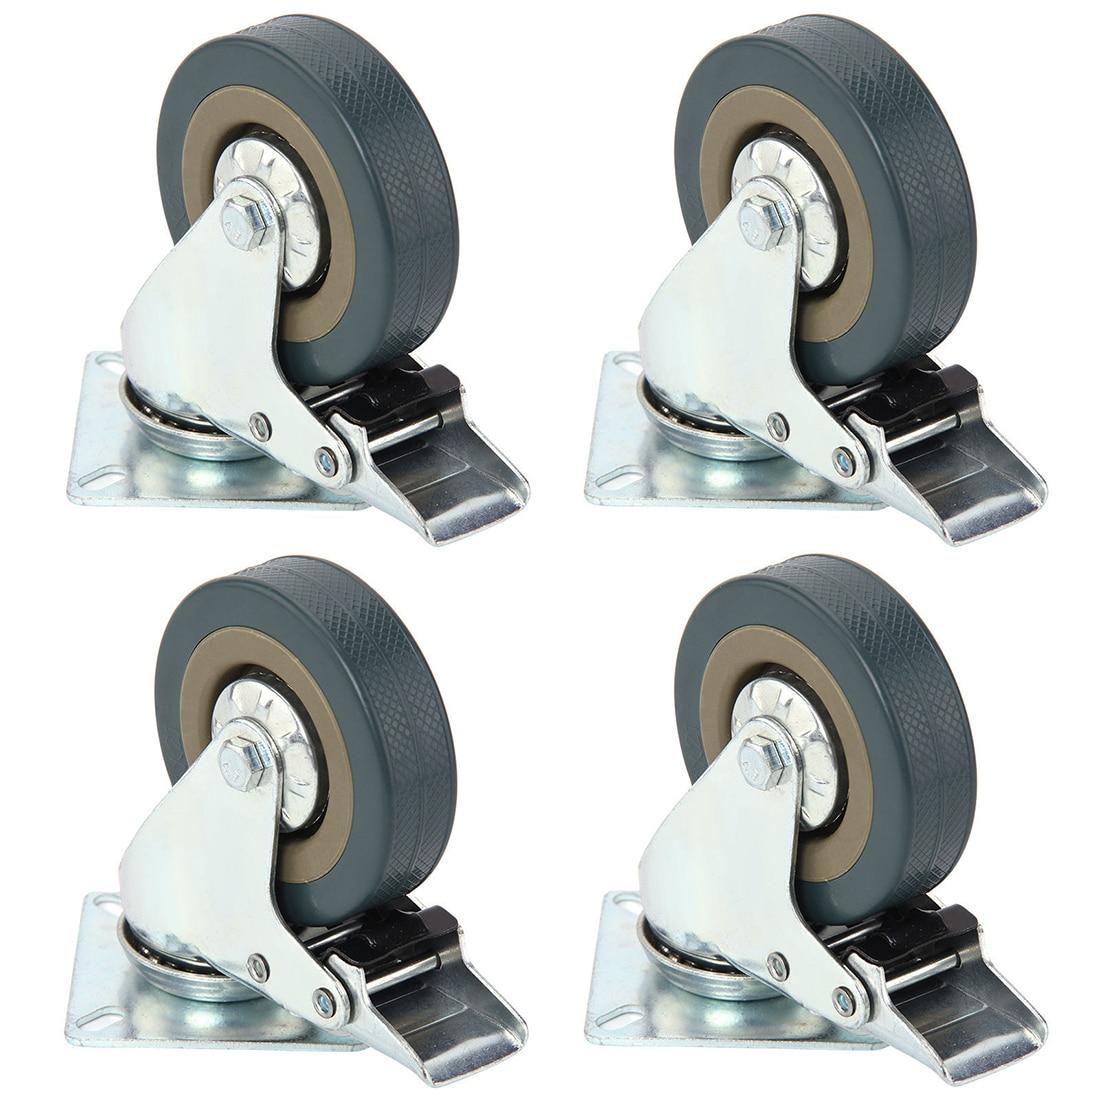 Set von Heavy Duty 50x17mm Gummi Swivel Castor Räder Trolley Caster Bremse 40 KGModel: 4 mit bremse